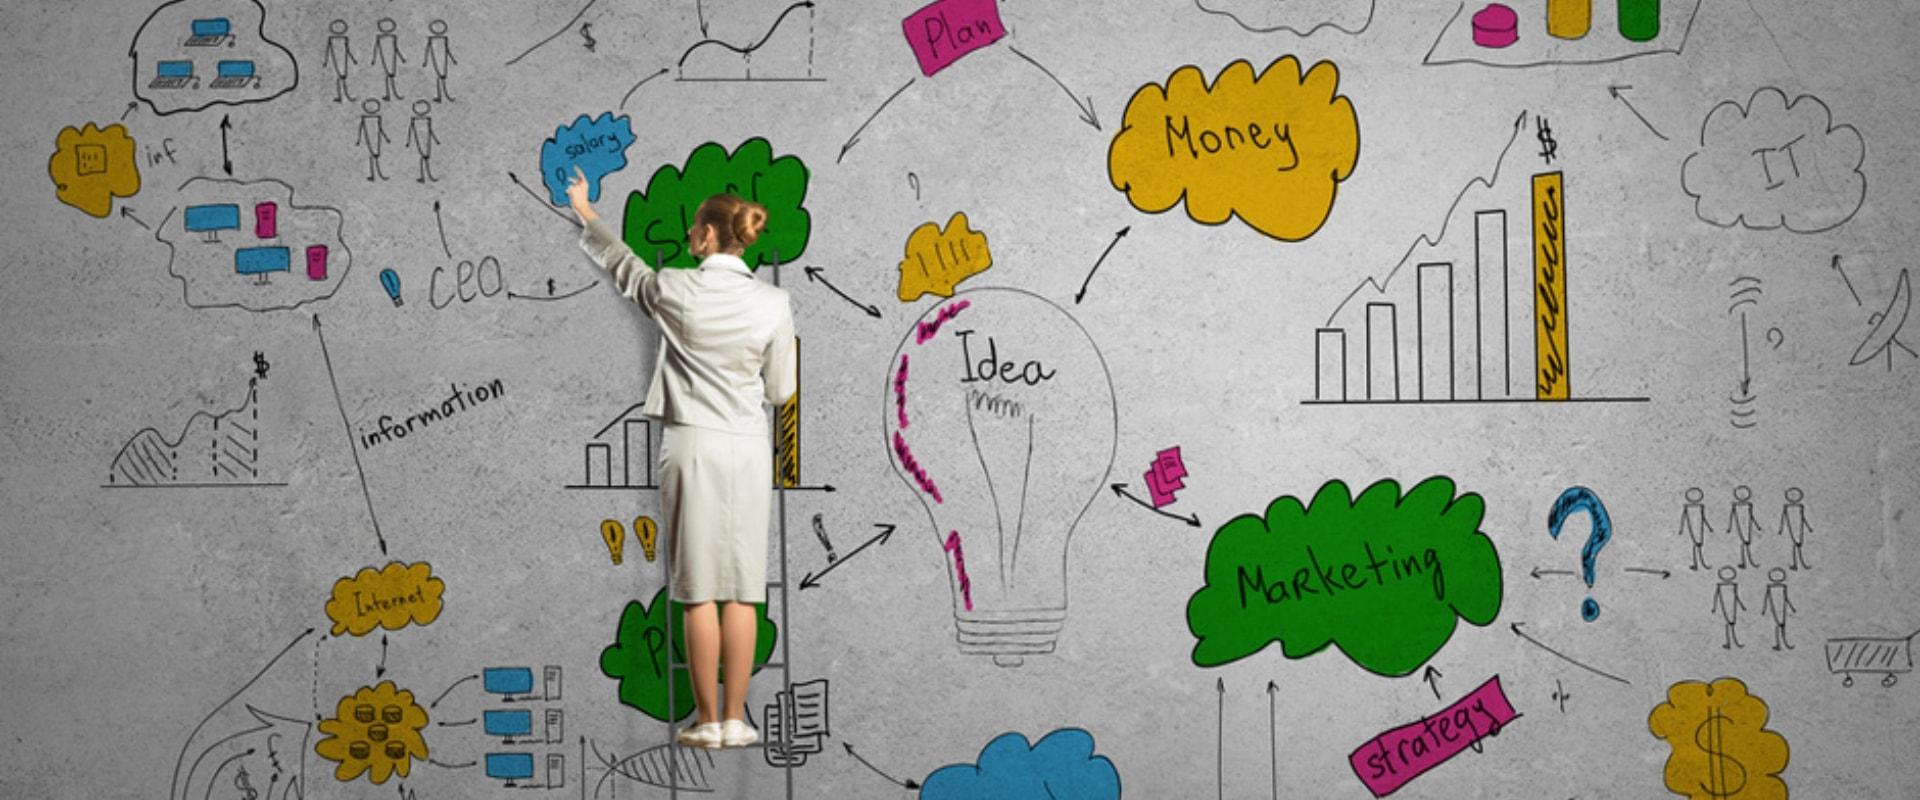 Girişimcilik Eğitimleri | Yalın Girişim Eğitimi